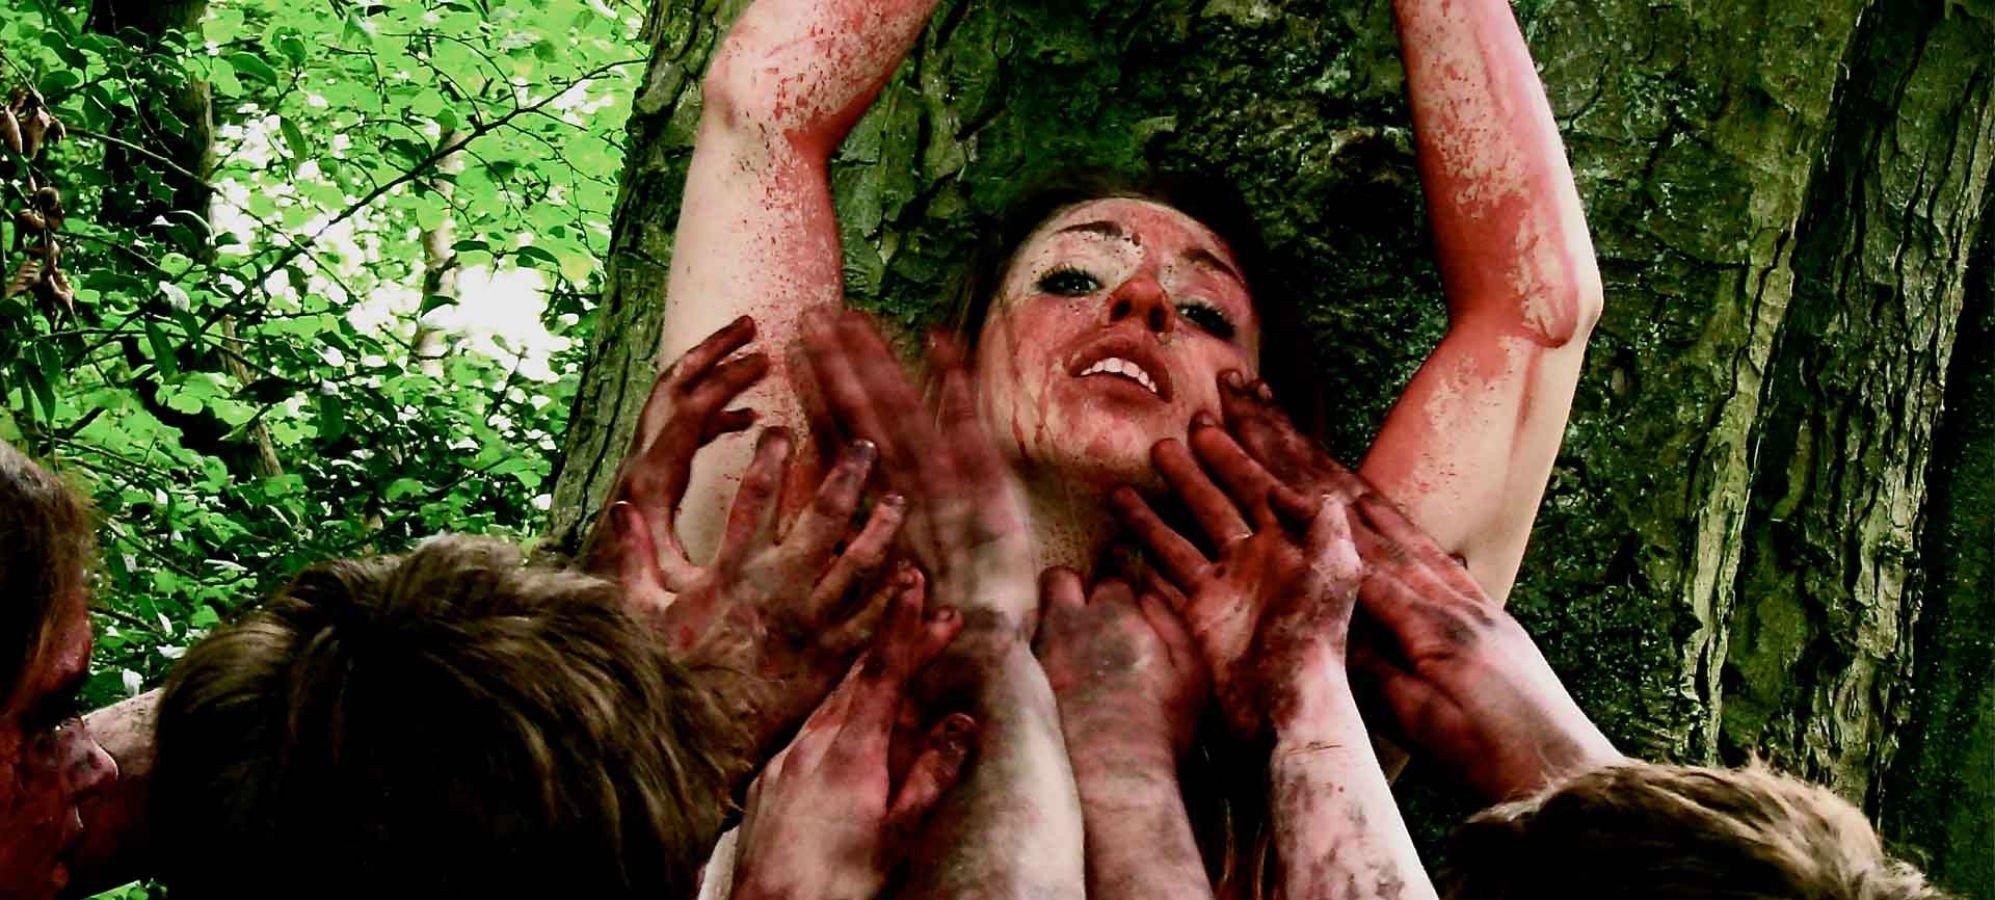 Bangladesh hot nude movie song 166 - 2 part 8